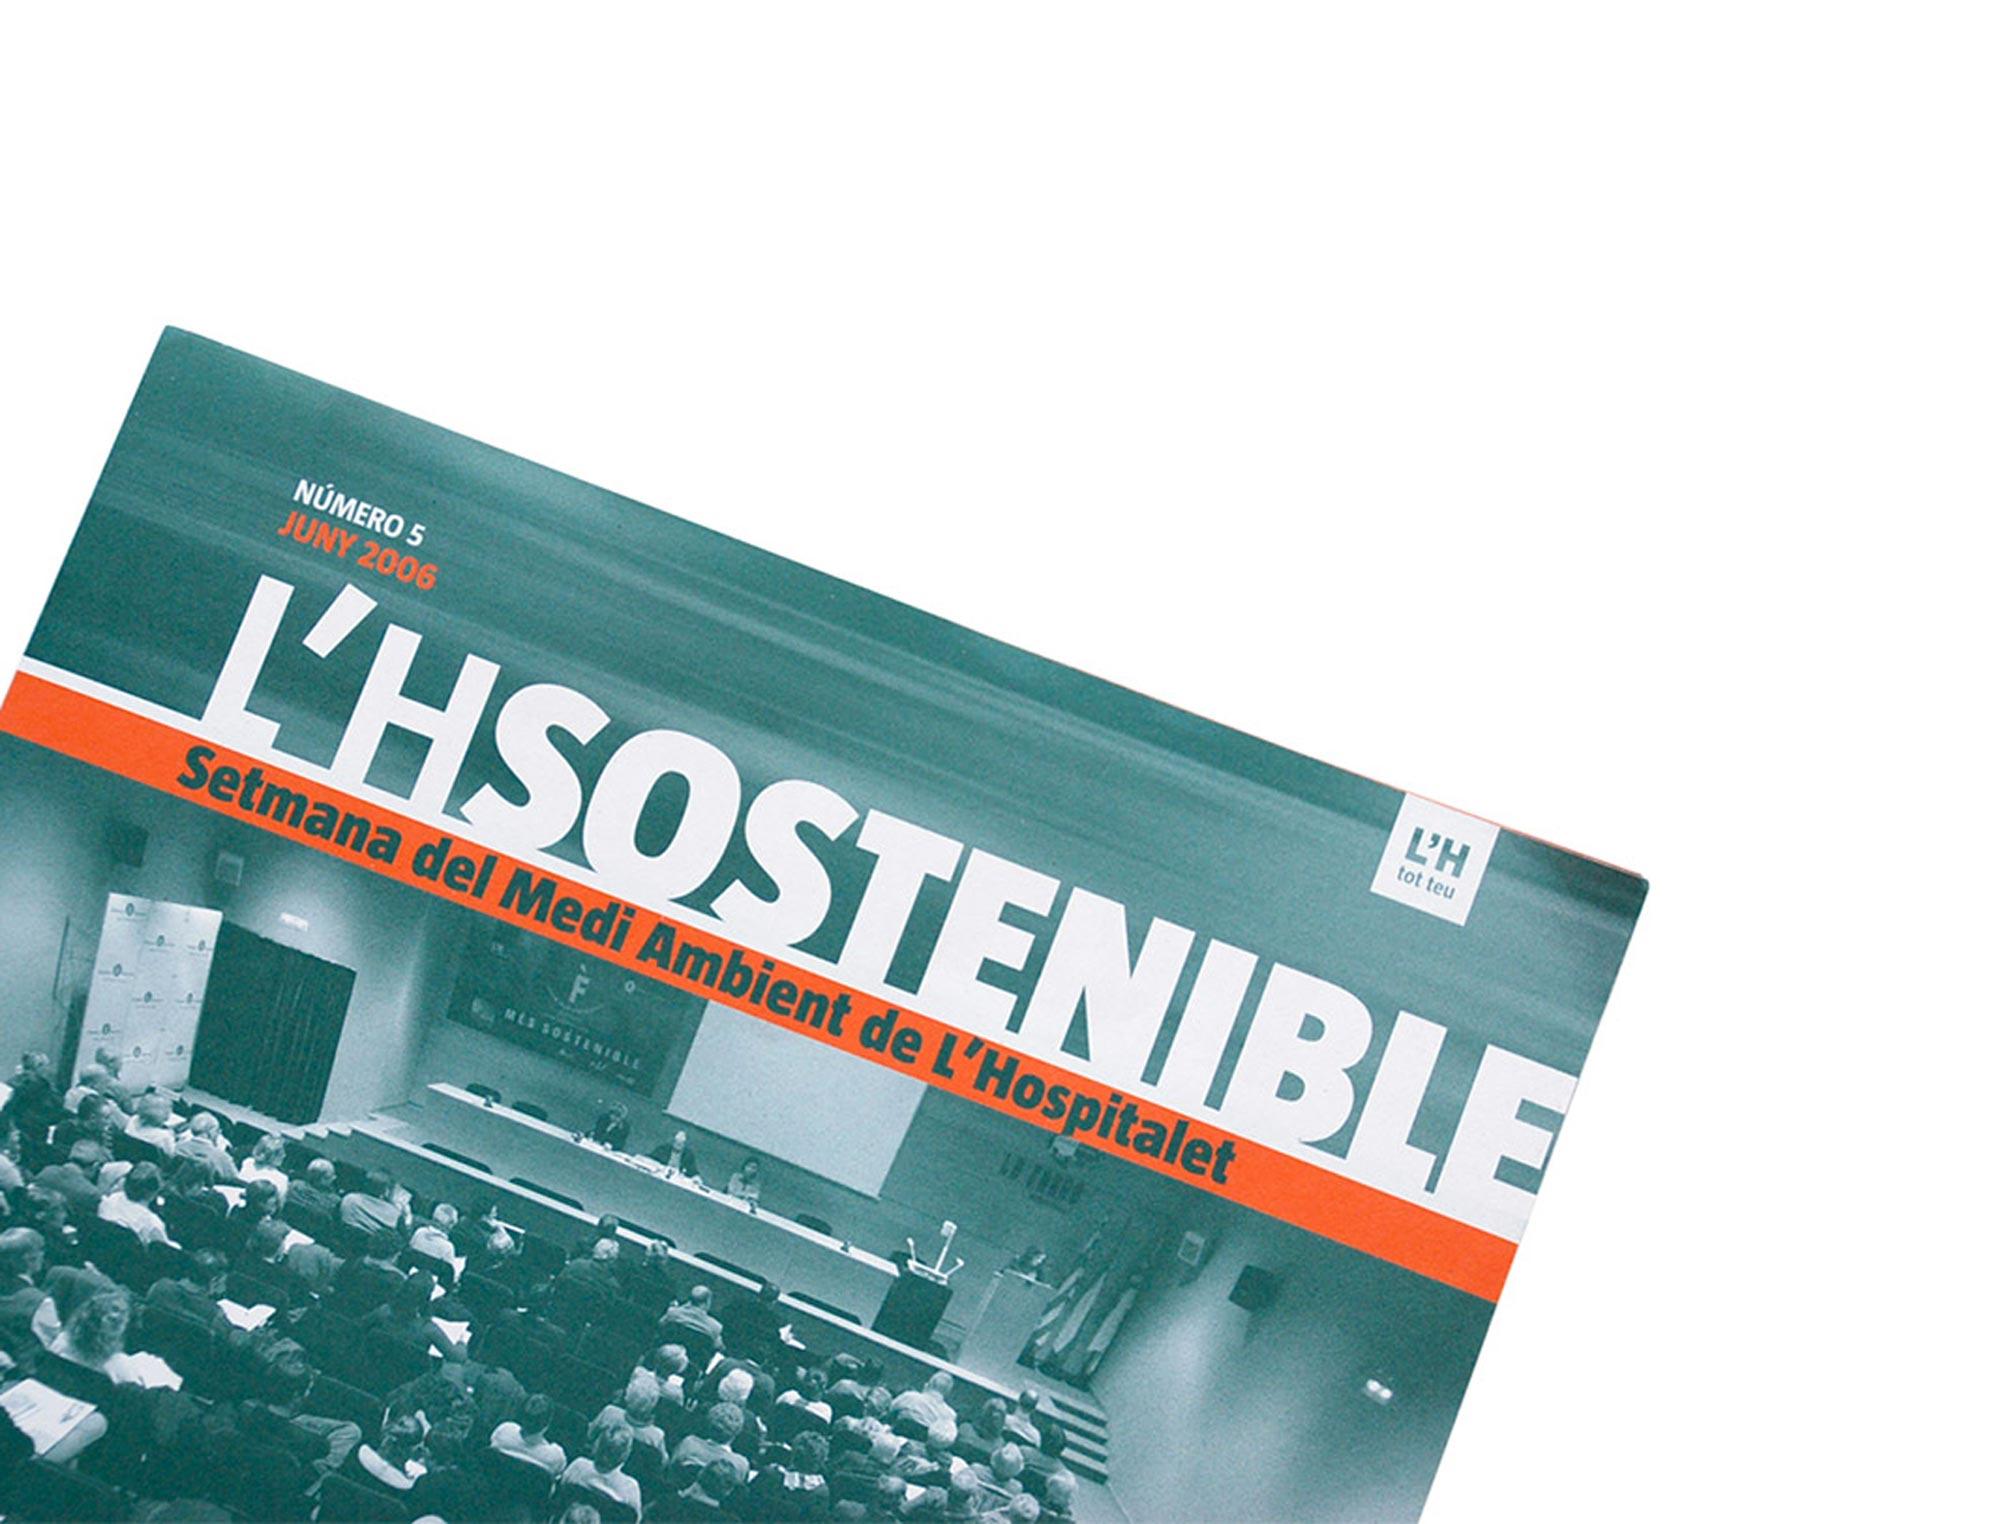 LH-SOSTENIBLE-FORUM-3.jpg